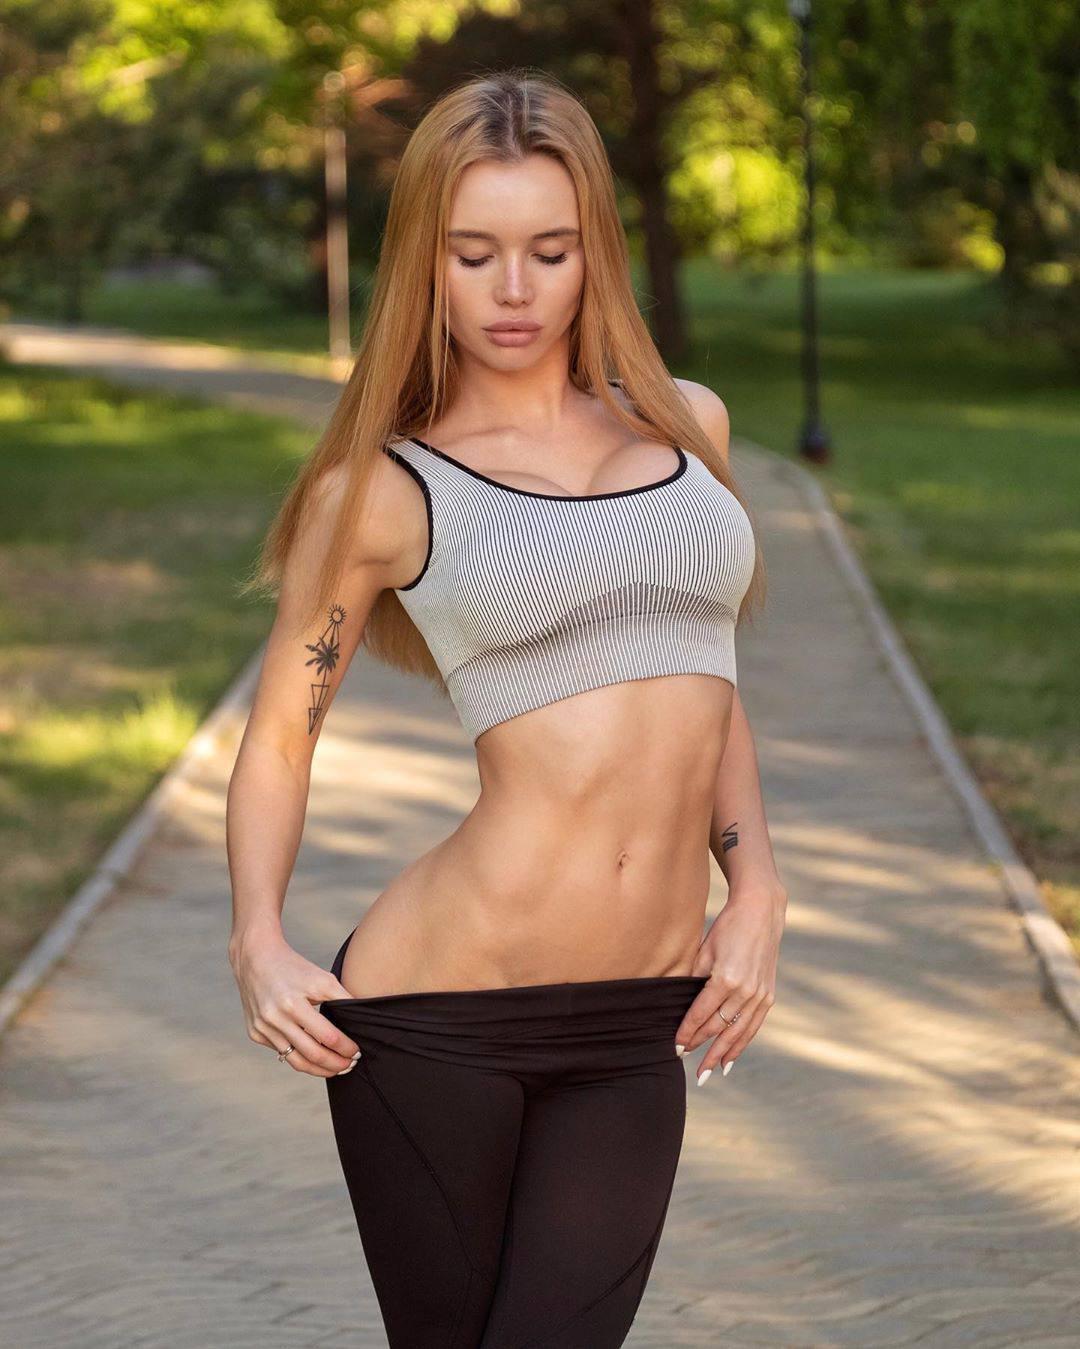 Olya Abramovich Sexy Body